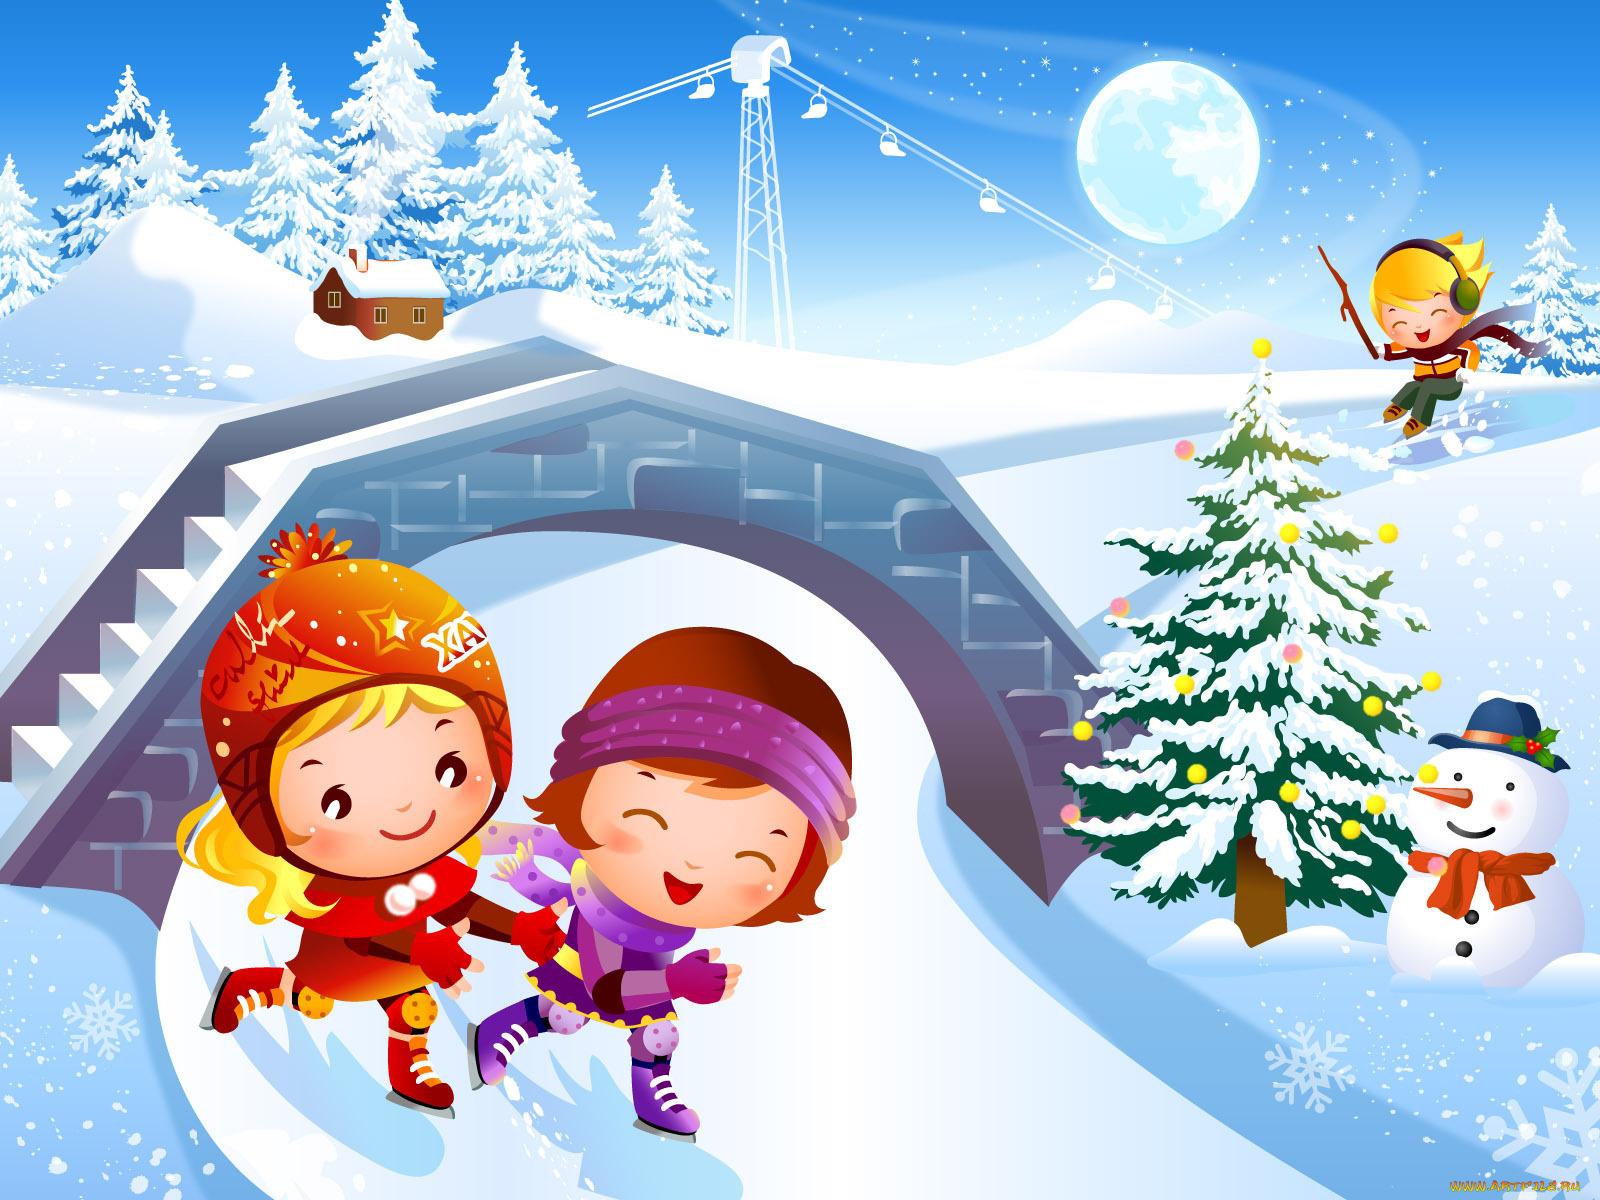 Картинки днем, картинки о зиме для детей